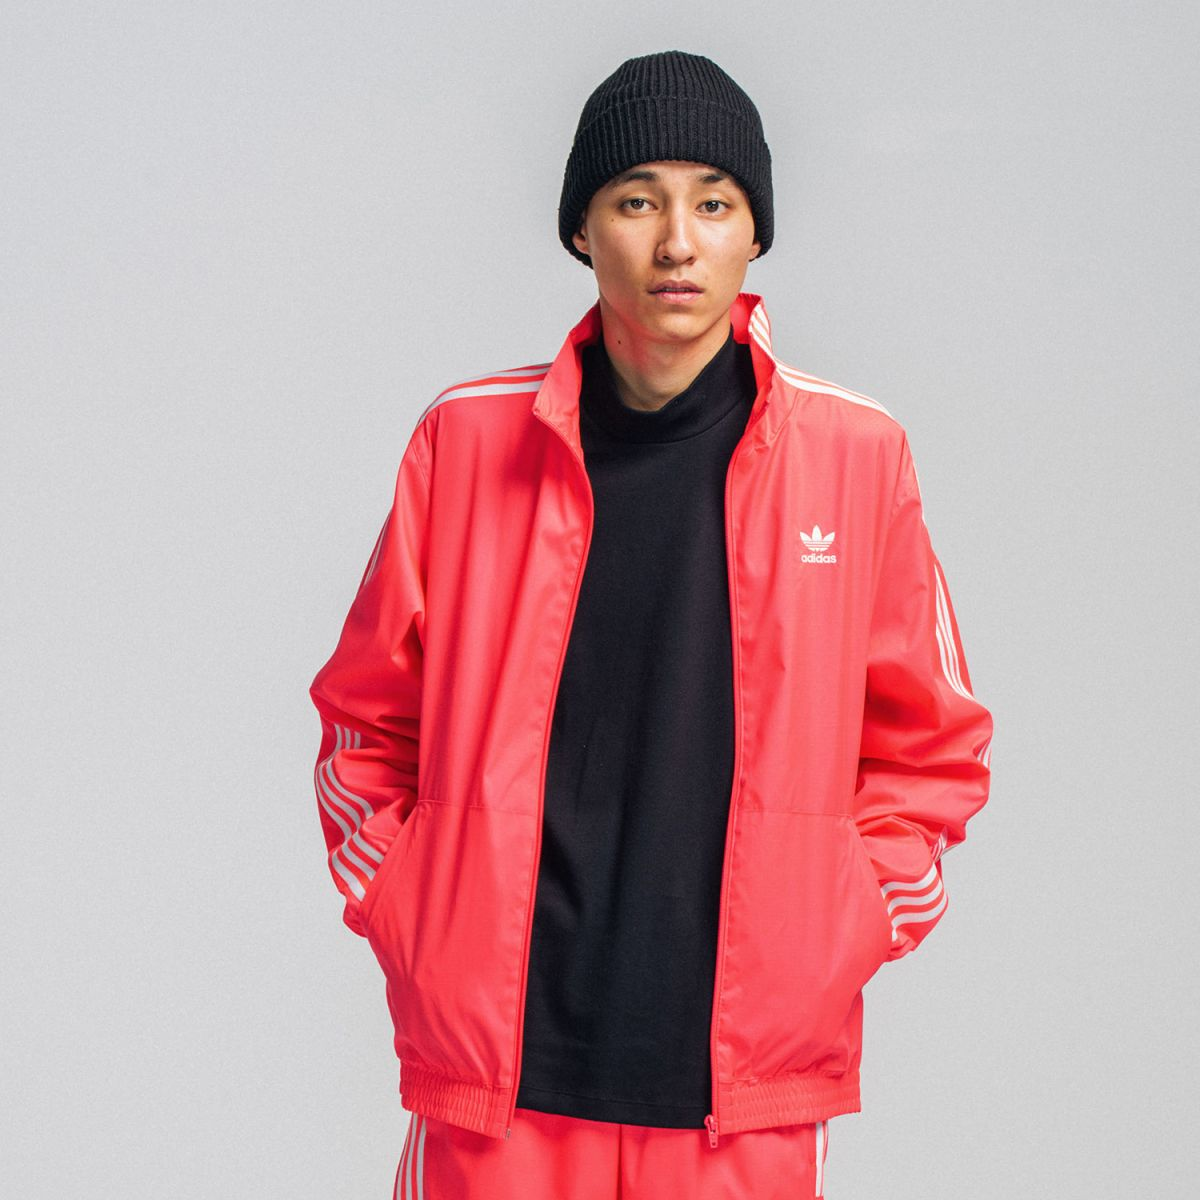 【公式】アディダス adidas LOCK UP TRACK TOP メンズ オリジナルス ウェア トップス ジャージ ED6095